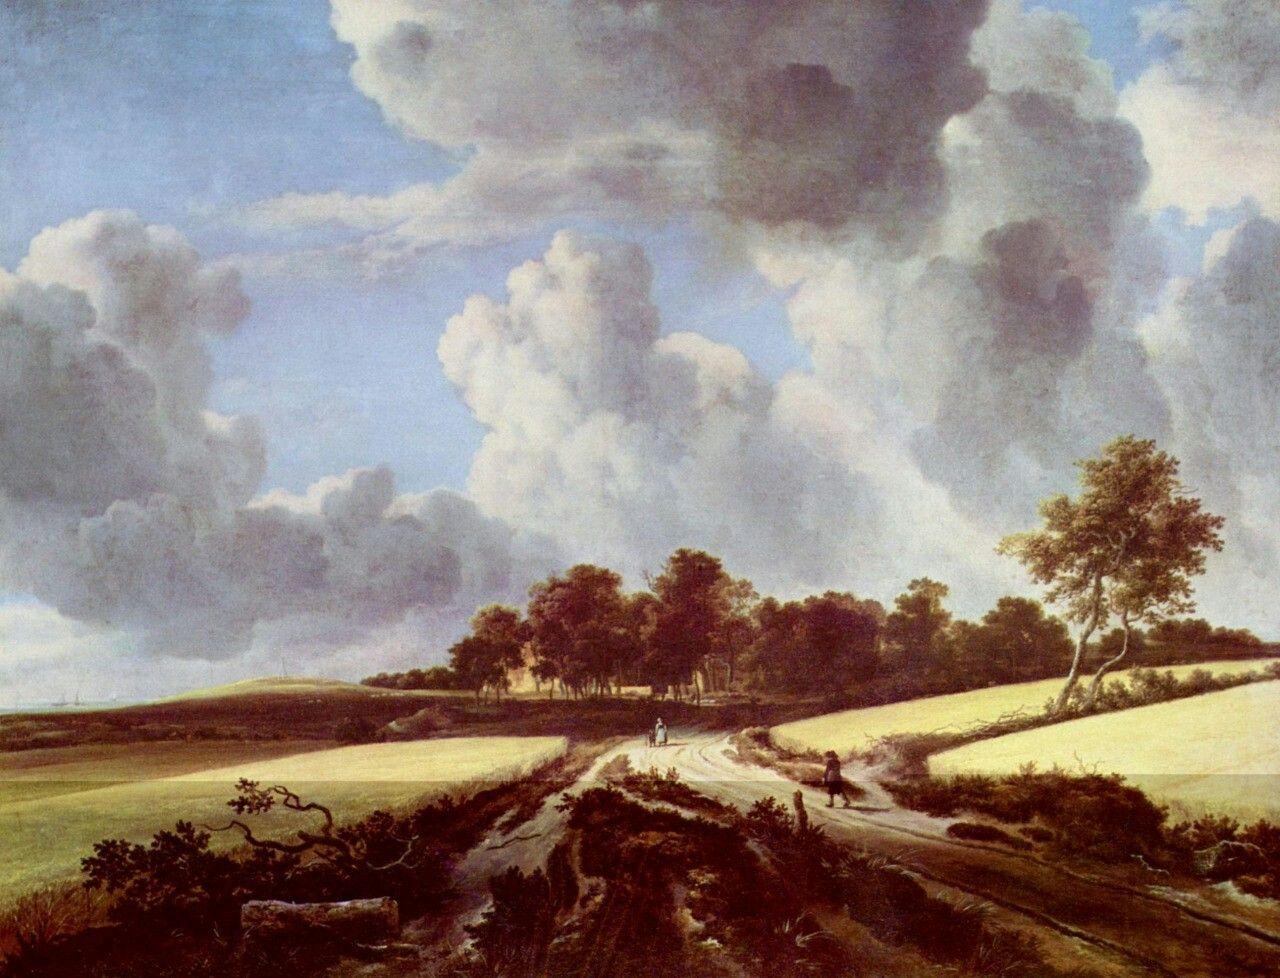 Landschaftsmalerei barock  Jacob Isaaksz. van Ruisdael. Weizenfelder. Um 1670, Öl auf ...